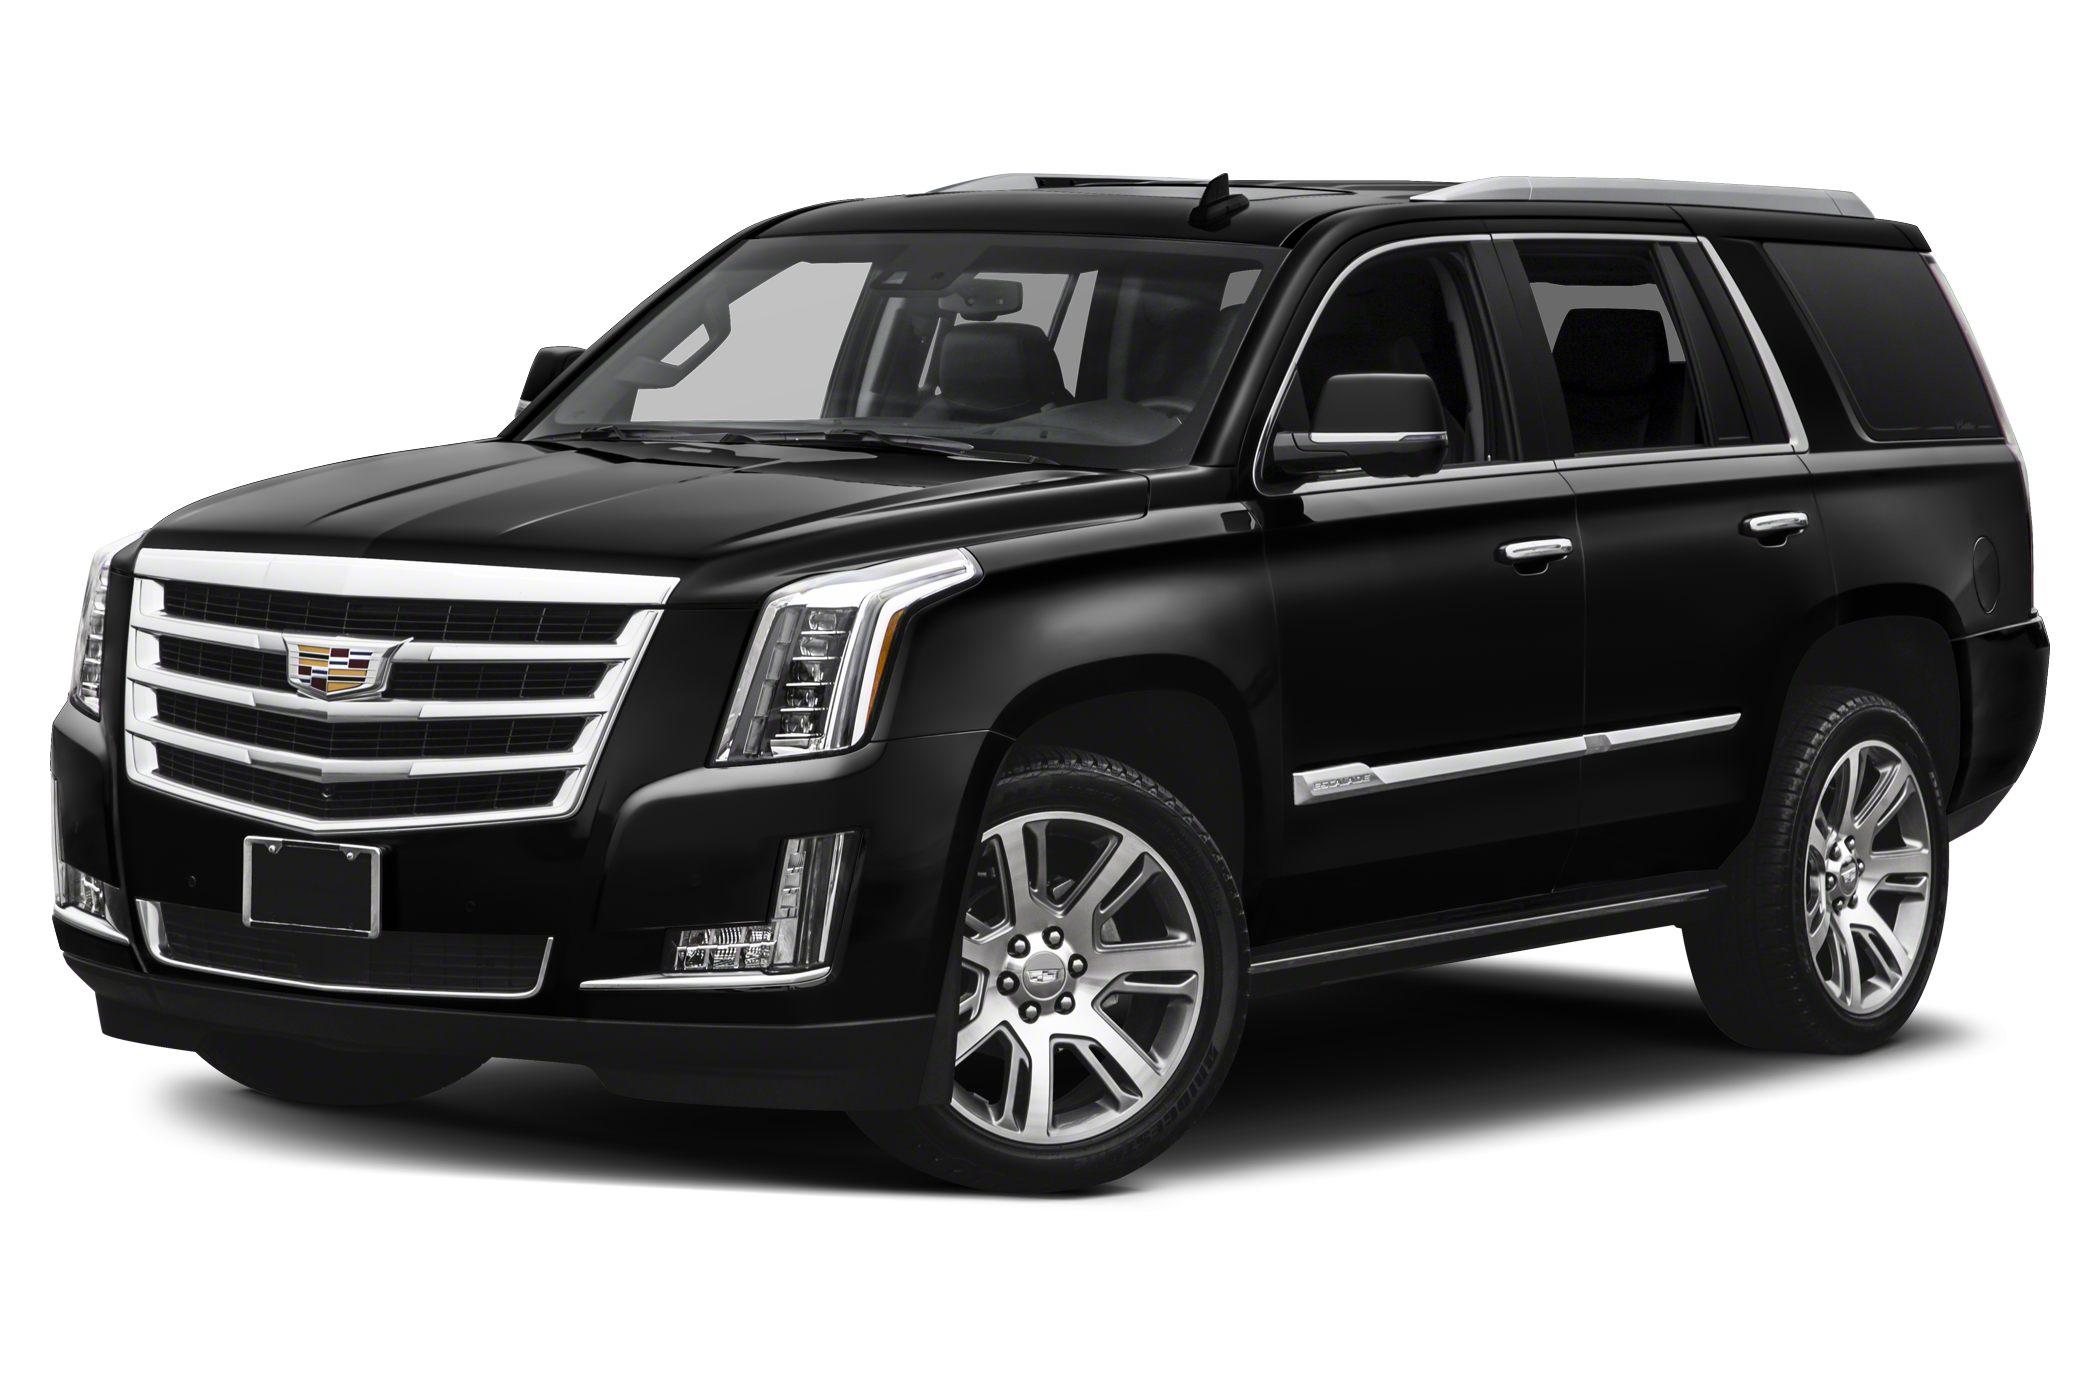 Cadillac Escalade Ext 2017 >> 2017 Cadillac Escalade Reviews, Specs and Prices | Cars.com